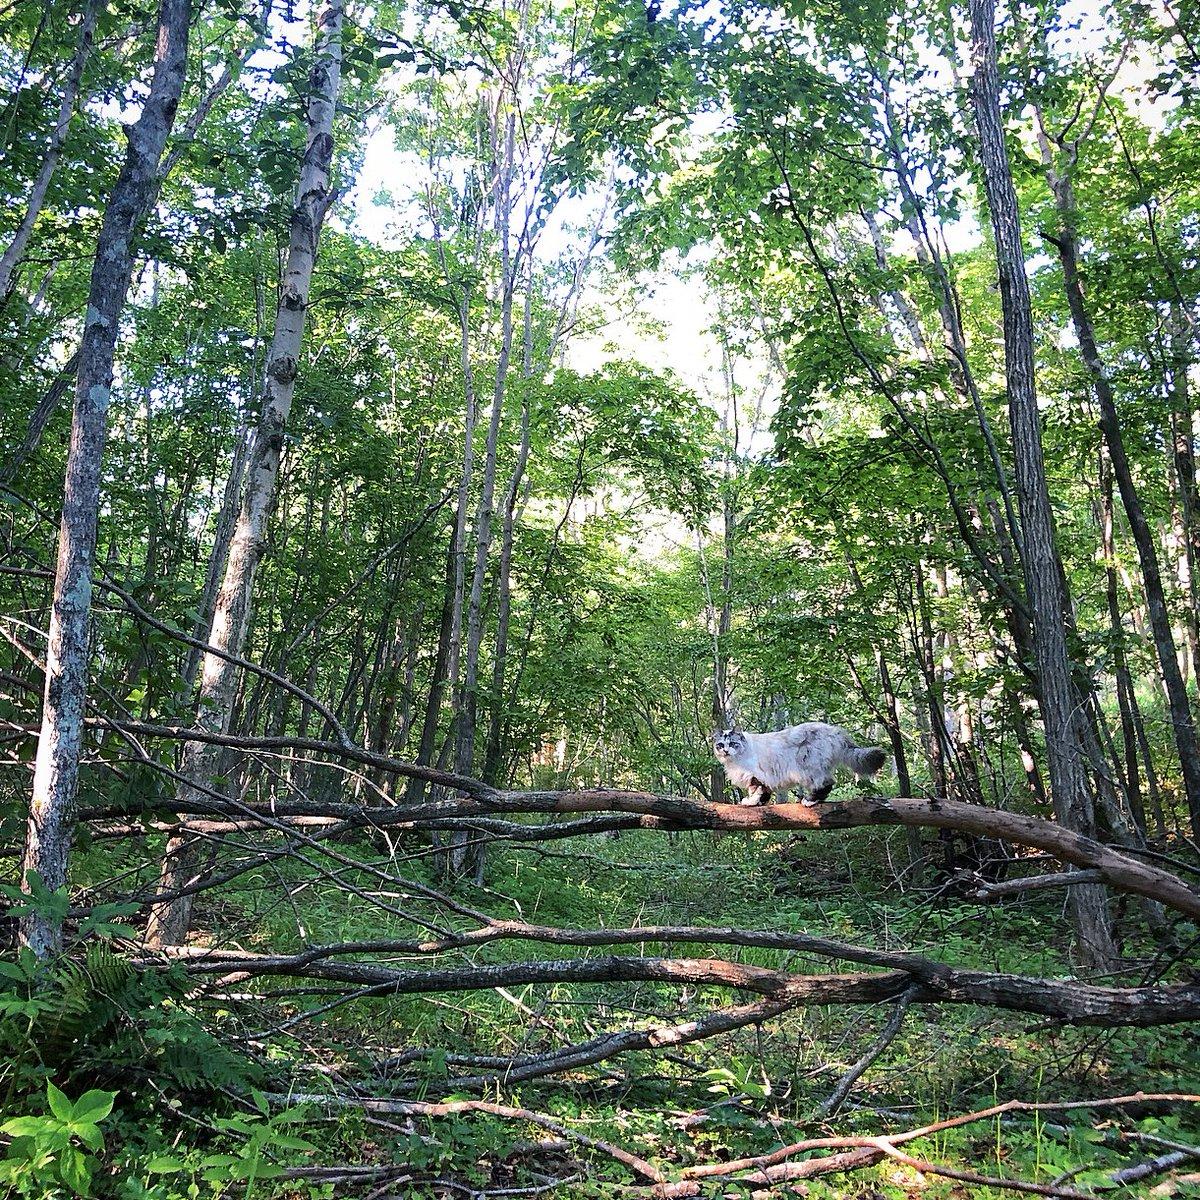 秋の気配をそこかしこに感じる季節になったけれど、森の中はまだ緑があざやか。